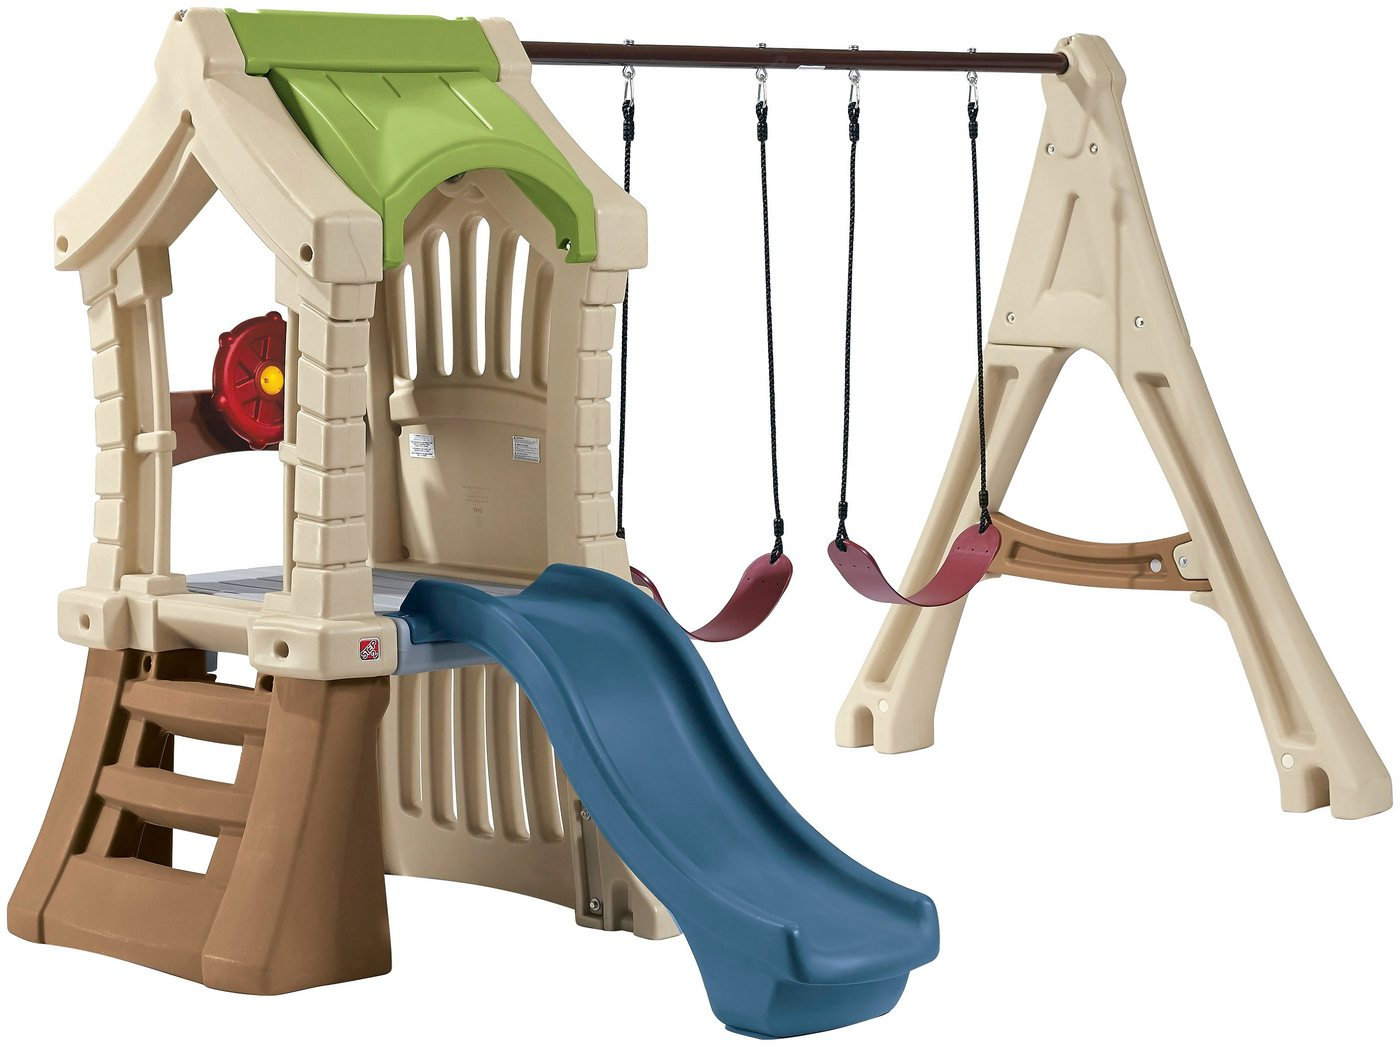 Märchenschloss Kunststoff Spielturm mit Schaukeln & Rutsche*